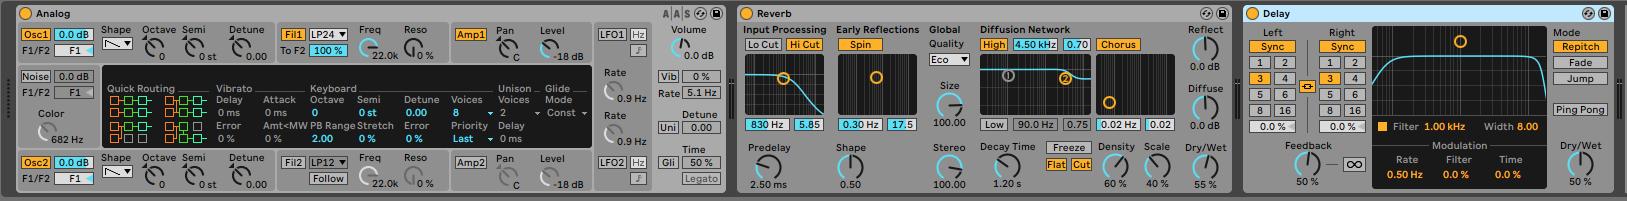 Efectos en serie - Home Studio. Efectos de audio y guía práctica de uso